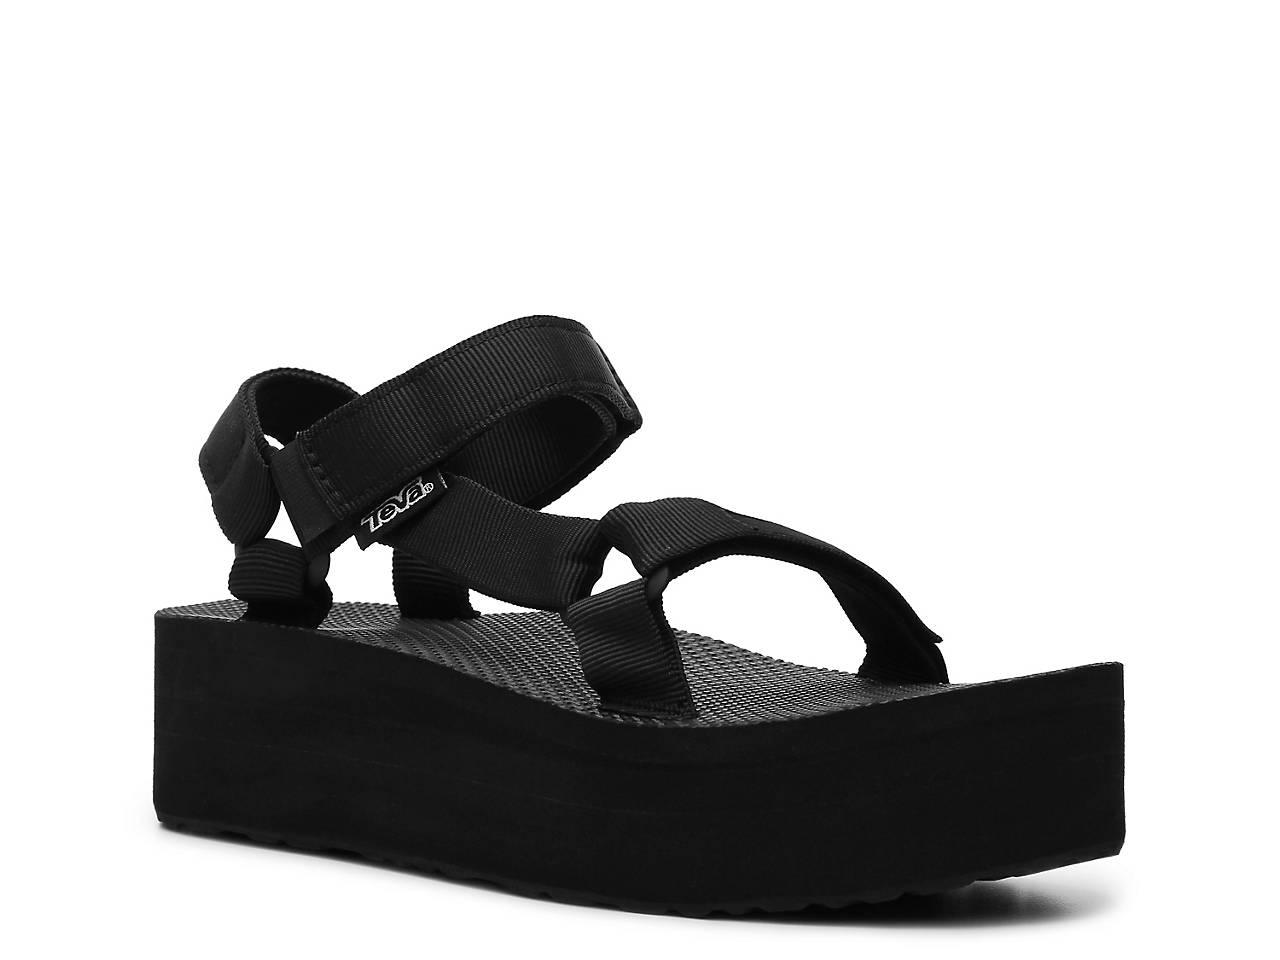 ffa4b6795b5b teva platform sandals